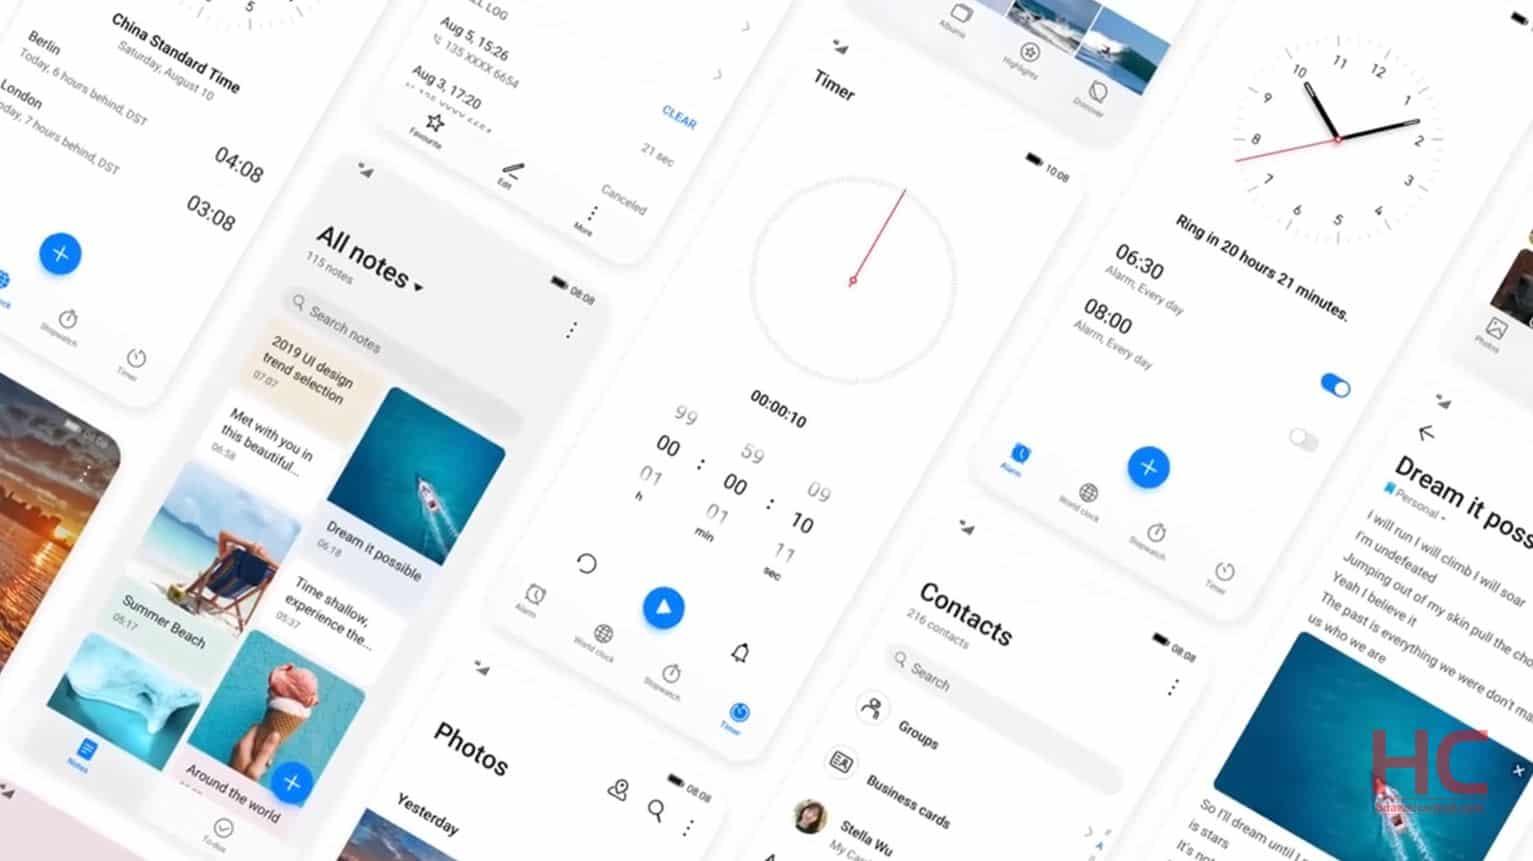 EMUI 11 release feature